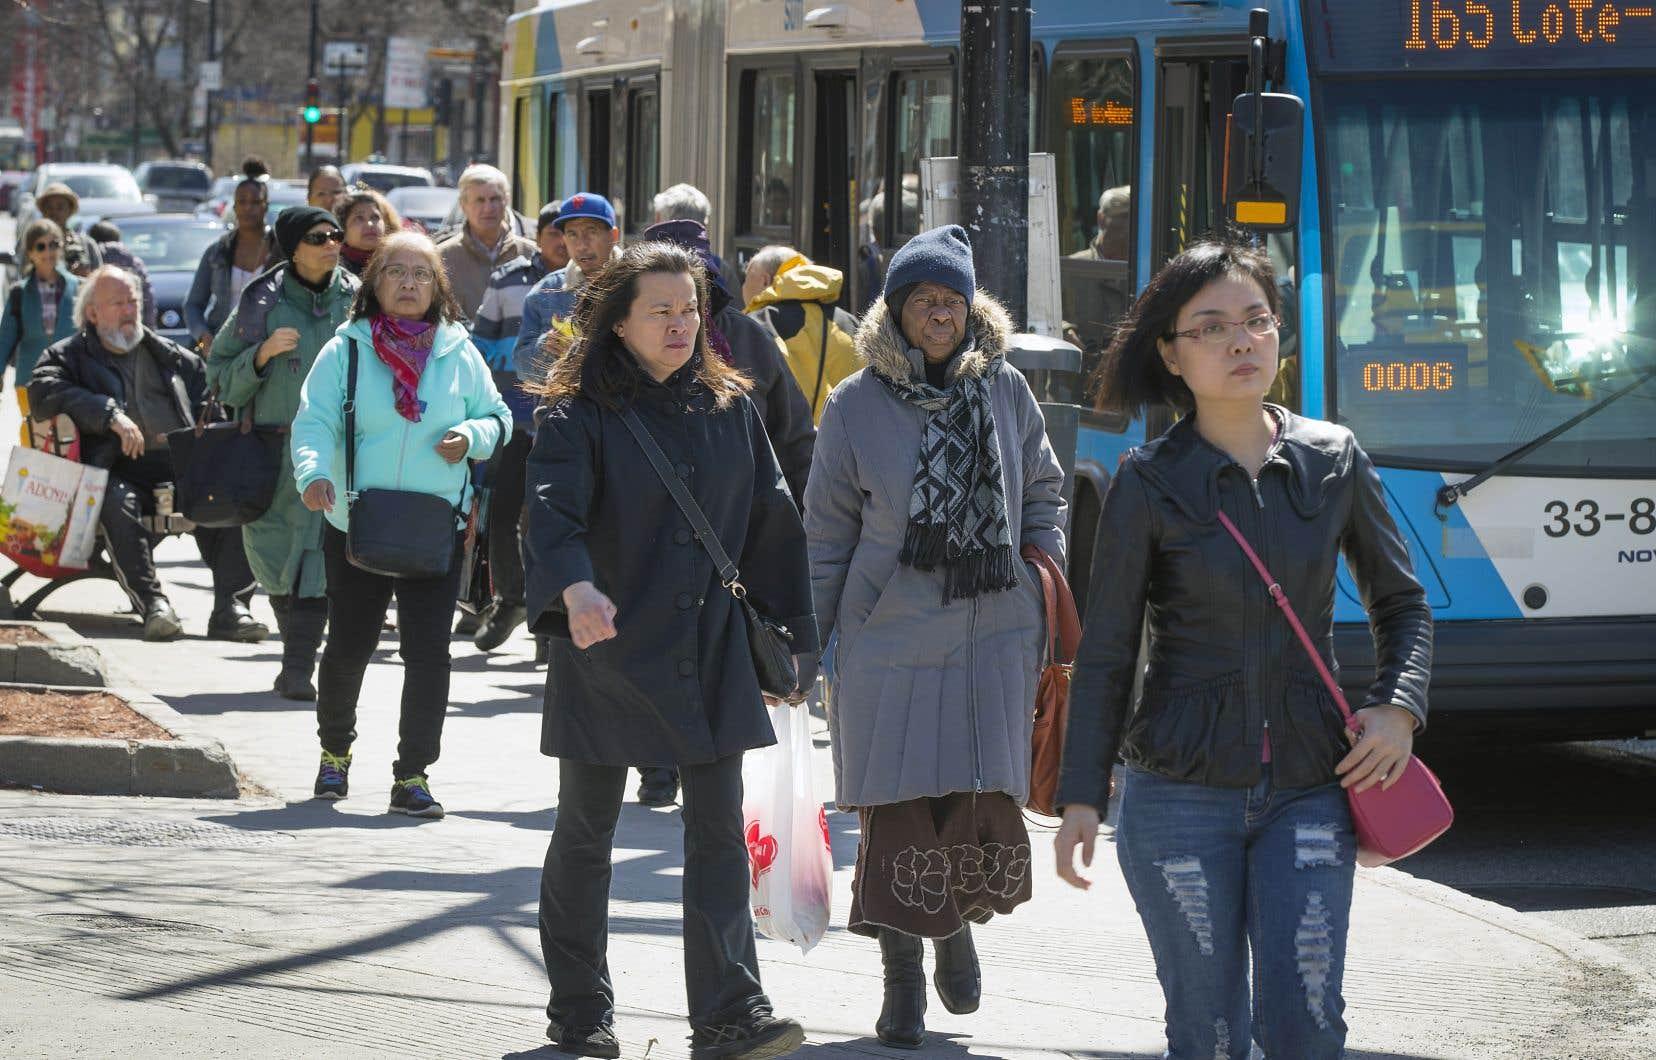 Selon le sondage, 84% des Québécois jugent que la francisation devrait être obligatoire pour les immigrants.